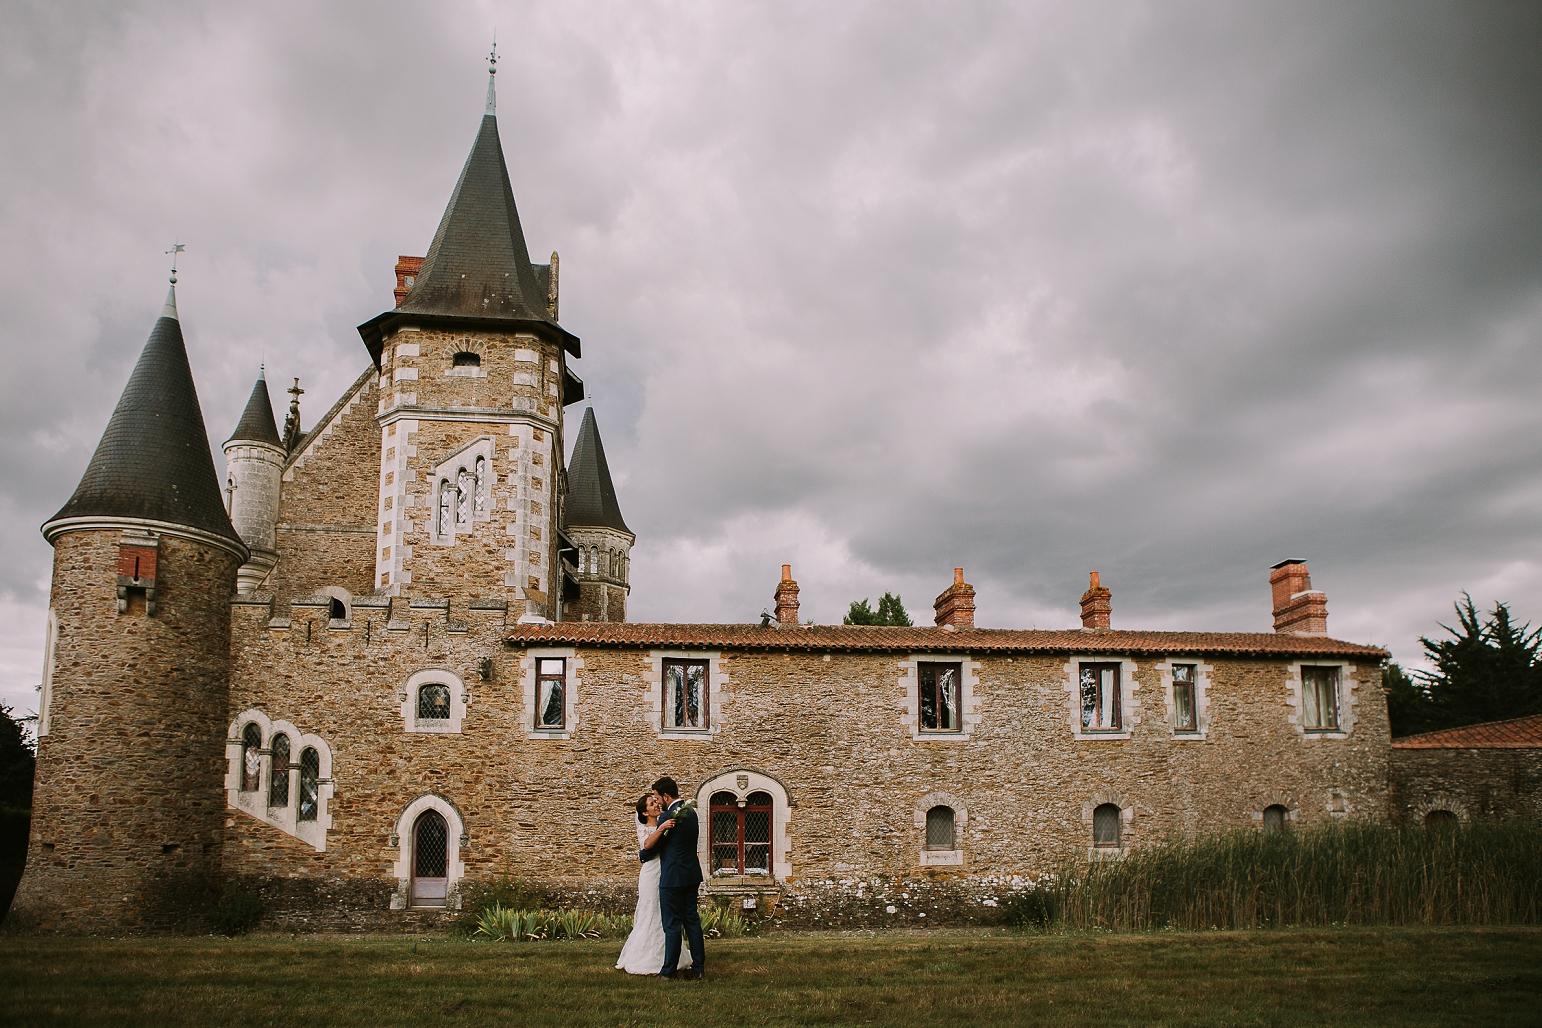 kateryna-photos-mariage-wedding-france-bretagne-pays-de-la-loire-chateau-de-la-colaissiere-st-sauveur-de-landemont_0056.jpg